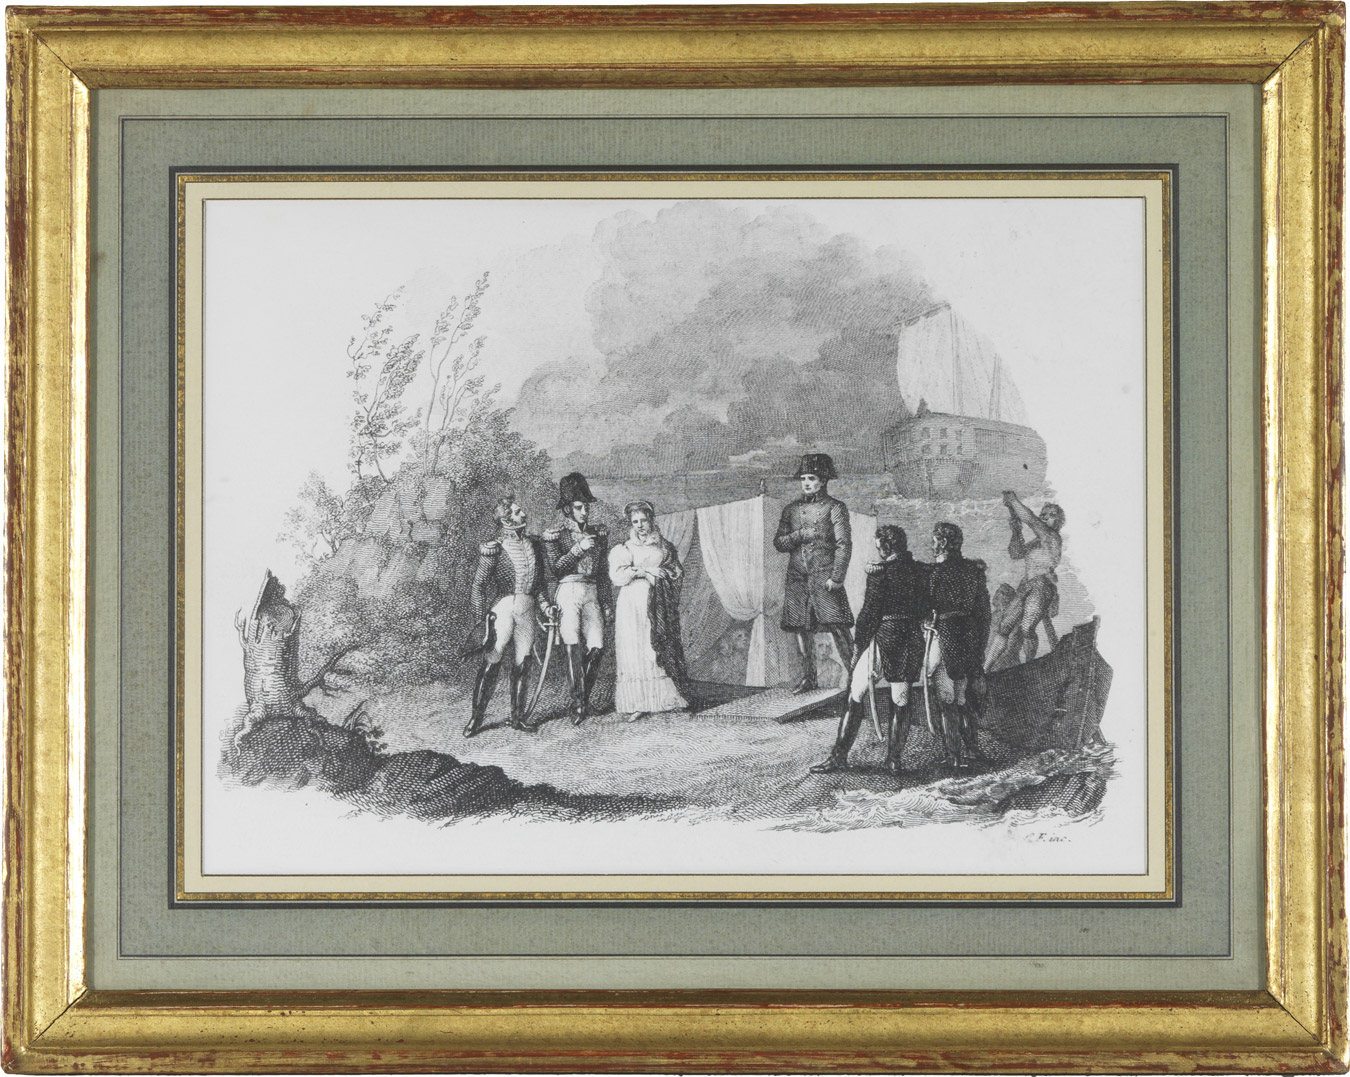 L'Empereur à l'île d'Elbe - Patrimoine Charles-André COLONNA WALEWSKI, en ligne directe de Napoléon